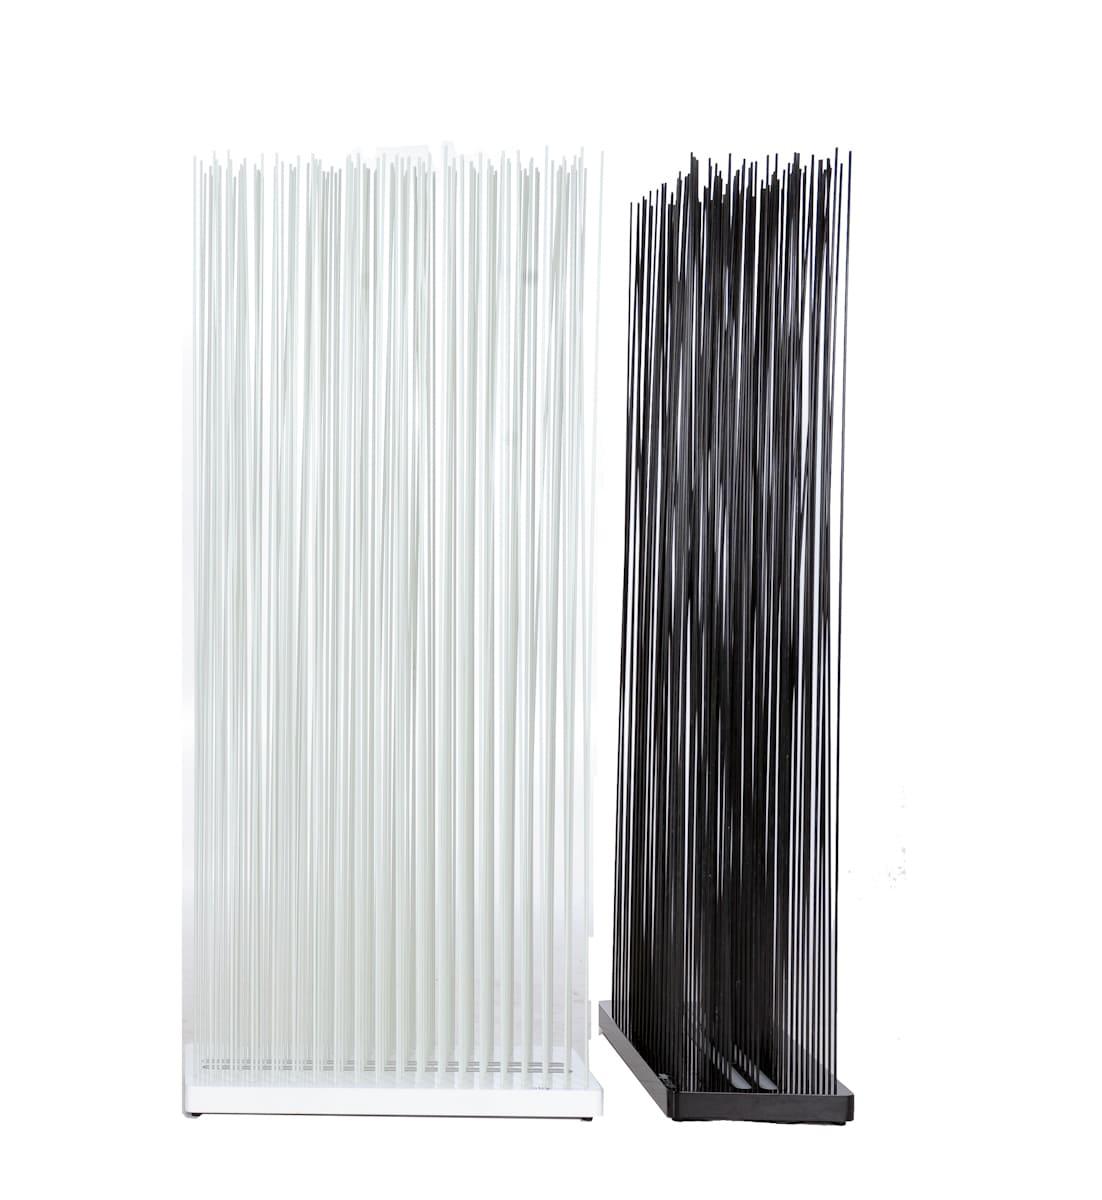 Full Size of Trennwand Balkon Holz Ikea Sichtschutz Glas Sondereigentum Metall Plexiglas Ohne Bohren Obi Wei Skydesignnews Garten Glastrennwand Dusche Wohnzimmer Trennwand Balkon